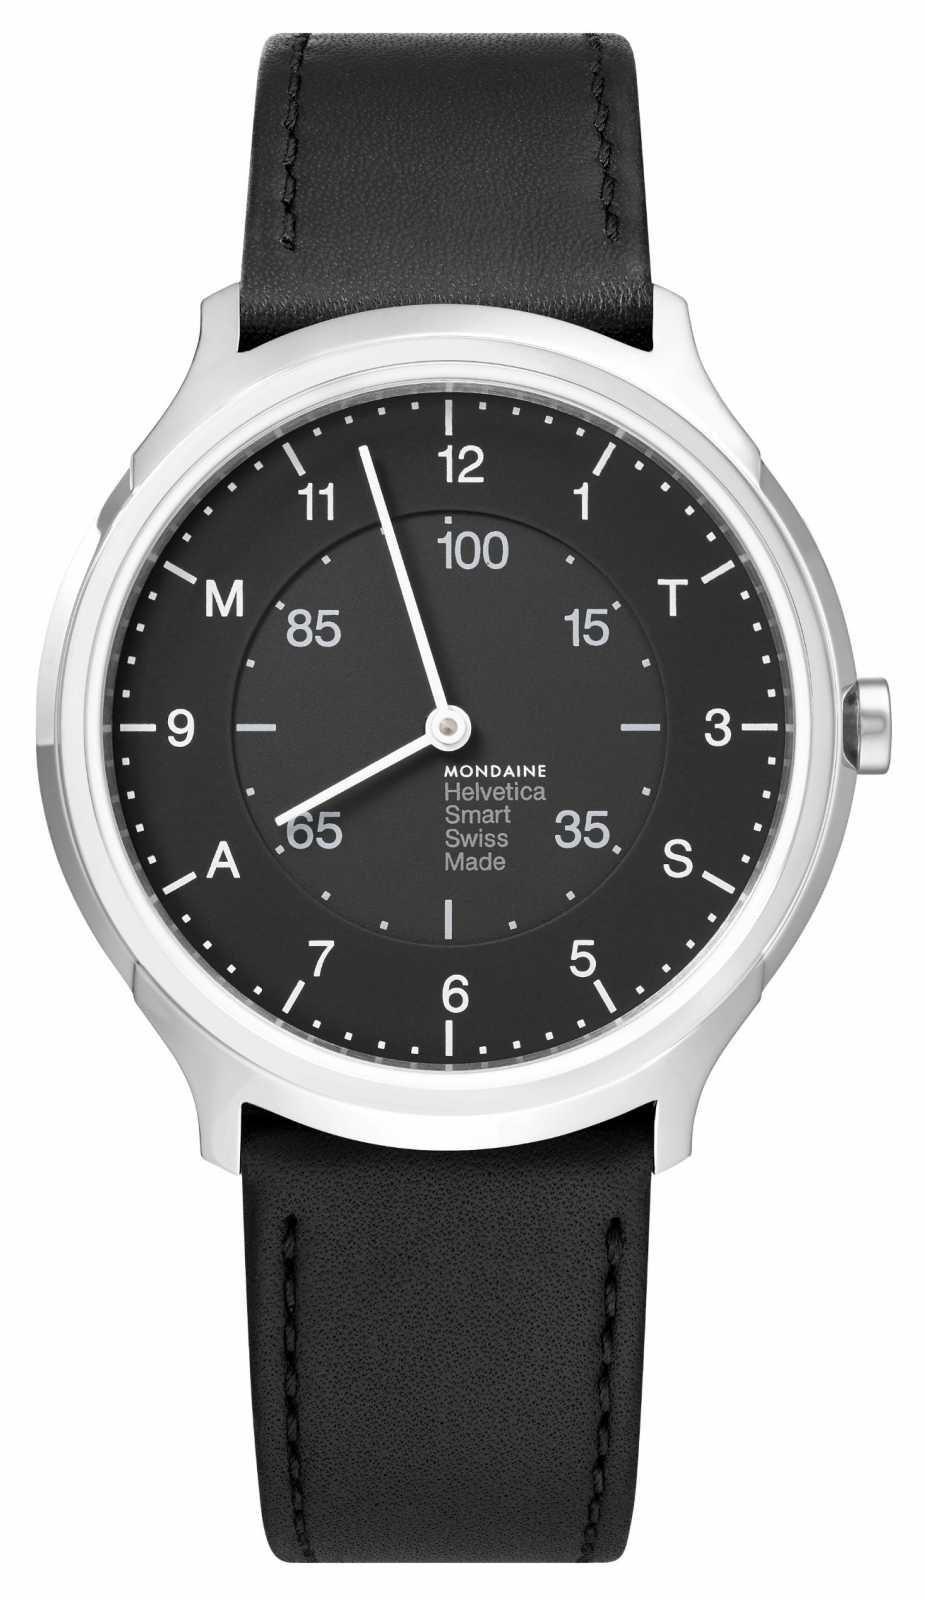 Mondaine Helvetica Smart 40mm Black Dial Black Leather Strap MH1.R2S20.LB